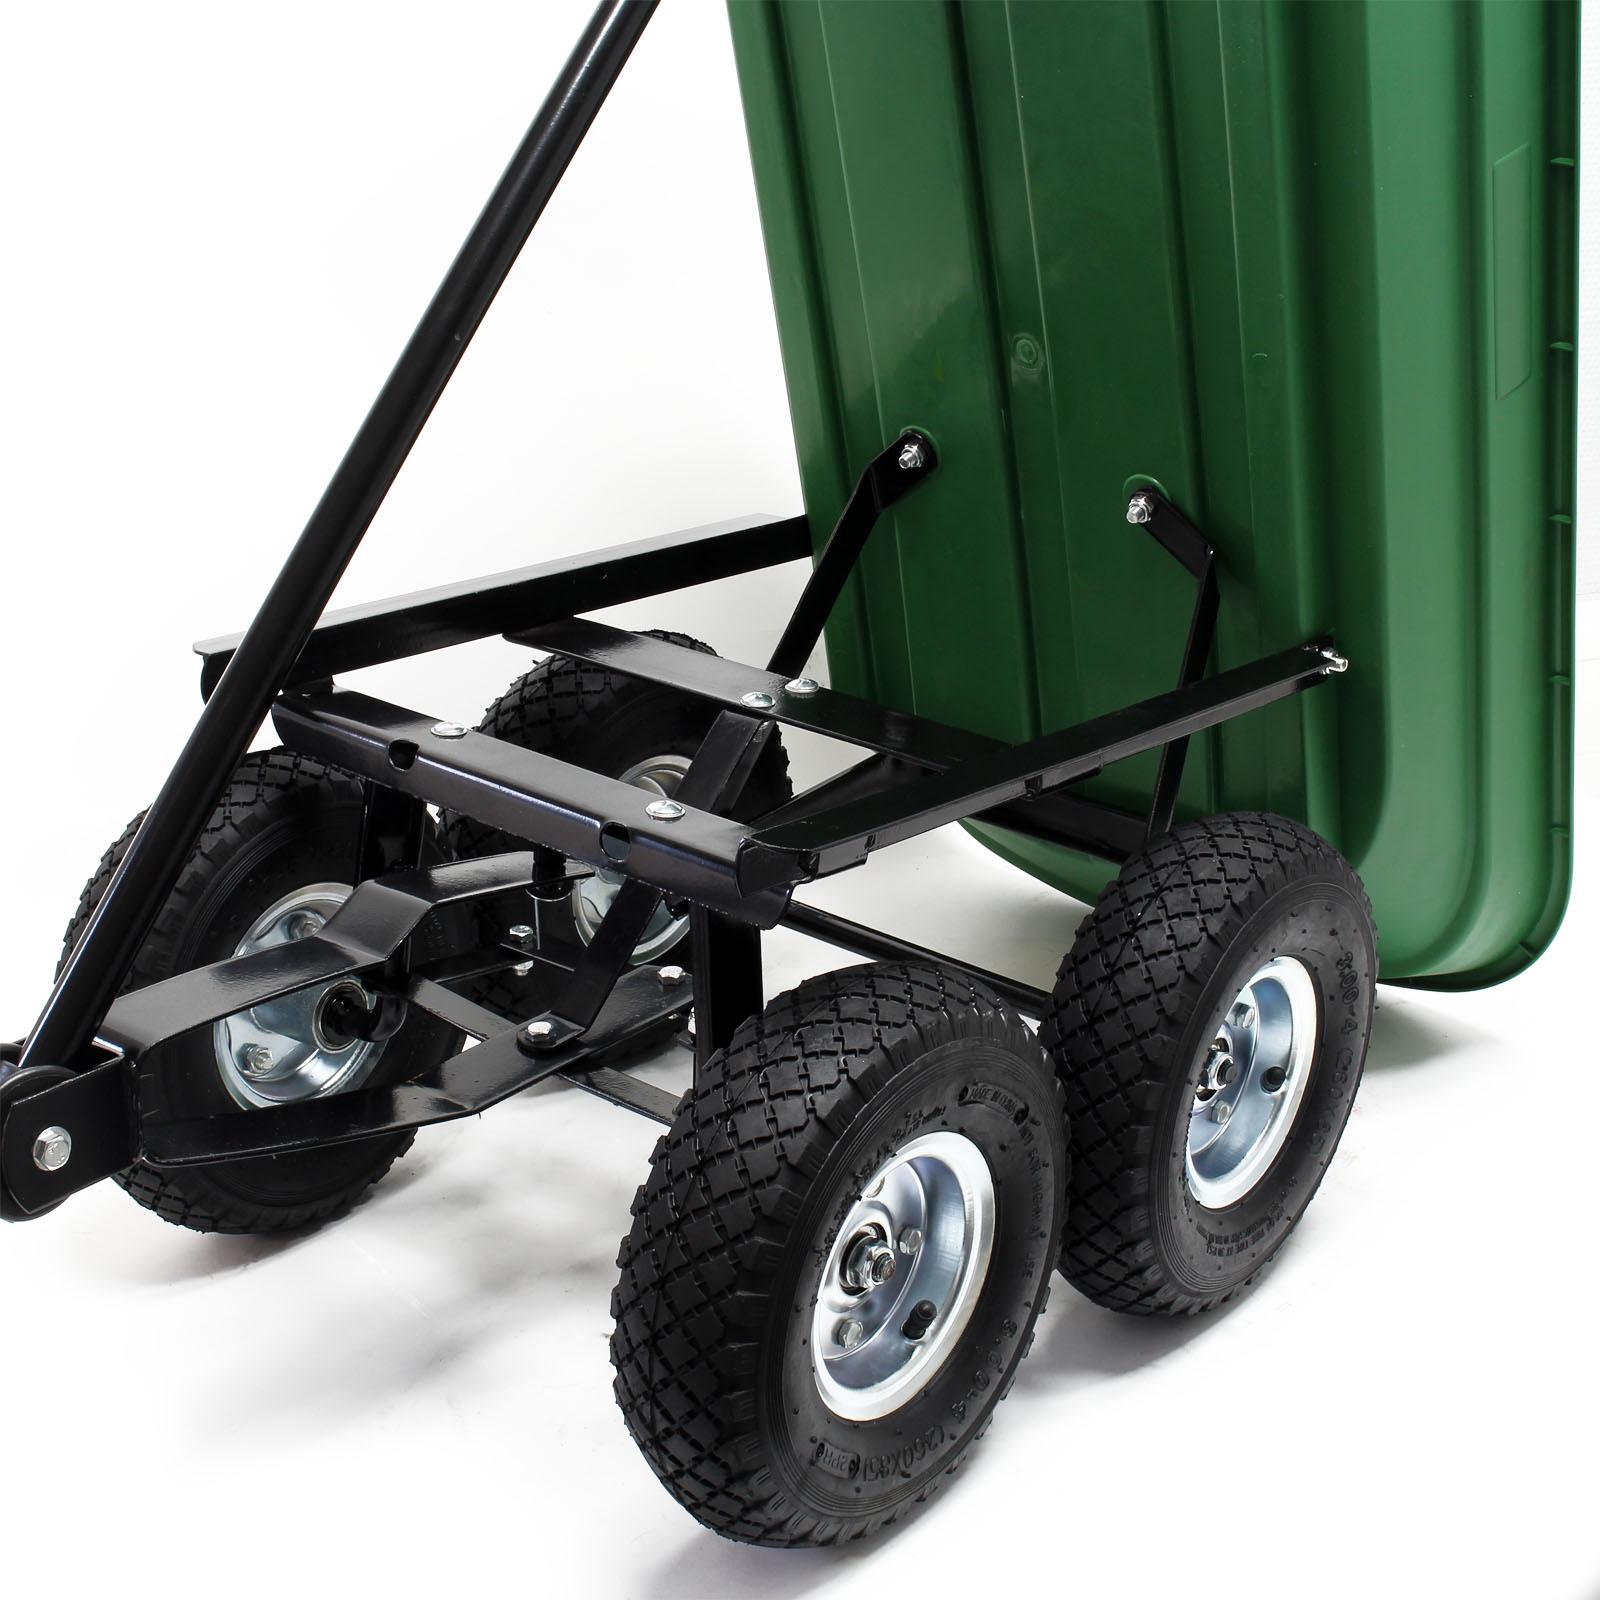 Détails Sur Chariot De Jardin À Main 55L Capacité 200Kg Benne Basculante  Remorque Brouette dedans Chariot Remorque Jardin